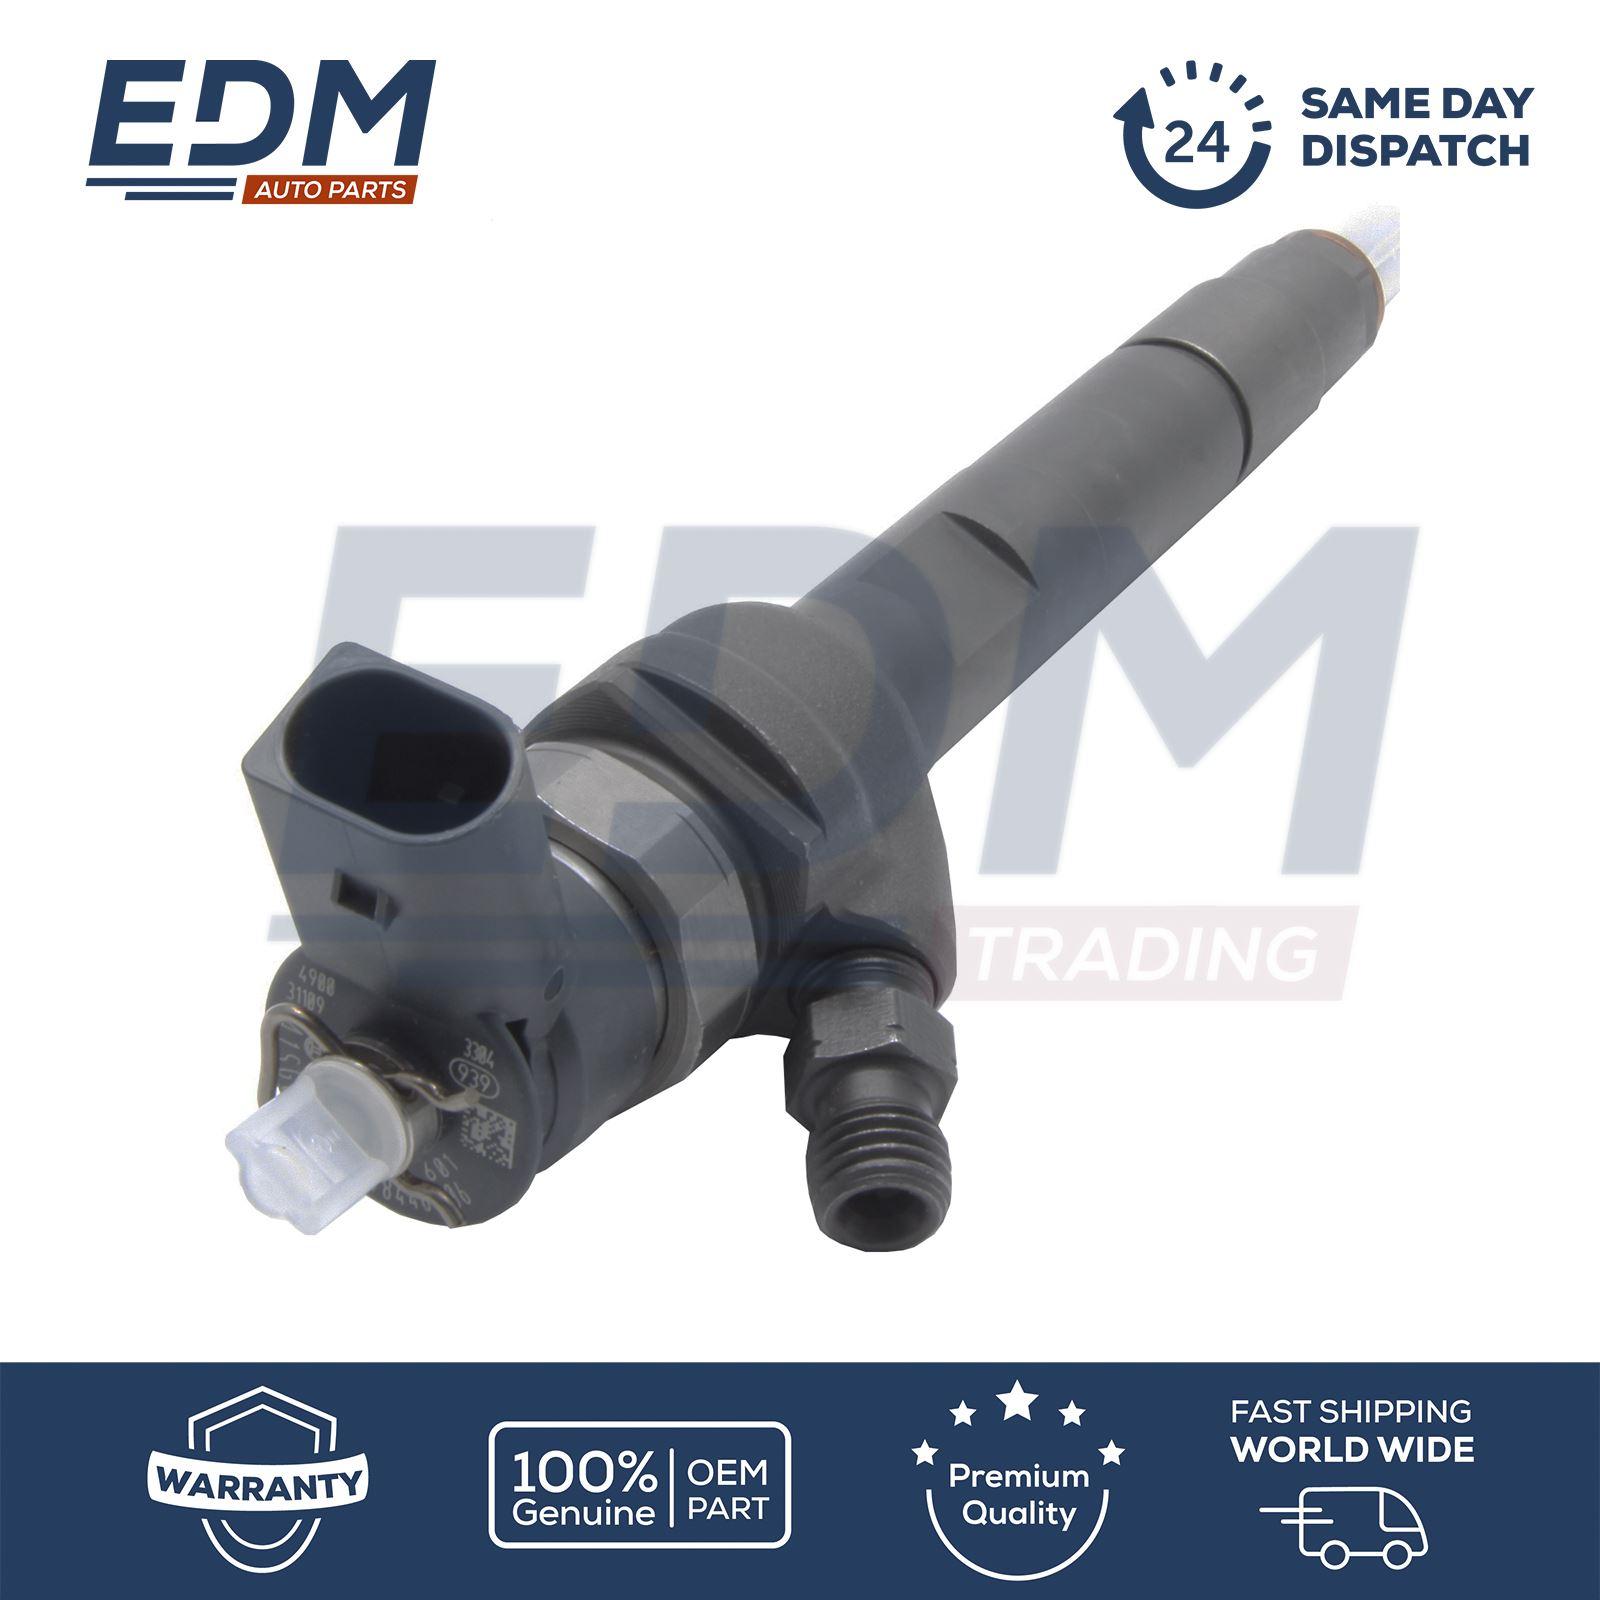 Bmw Xdrive Meaning: Injecteur BOSCH Pour BMW X1 E84 X3 E83 F25 XDrive SDrive 1